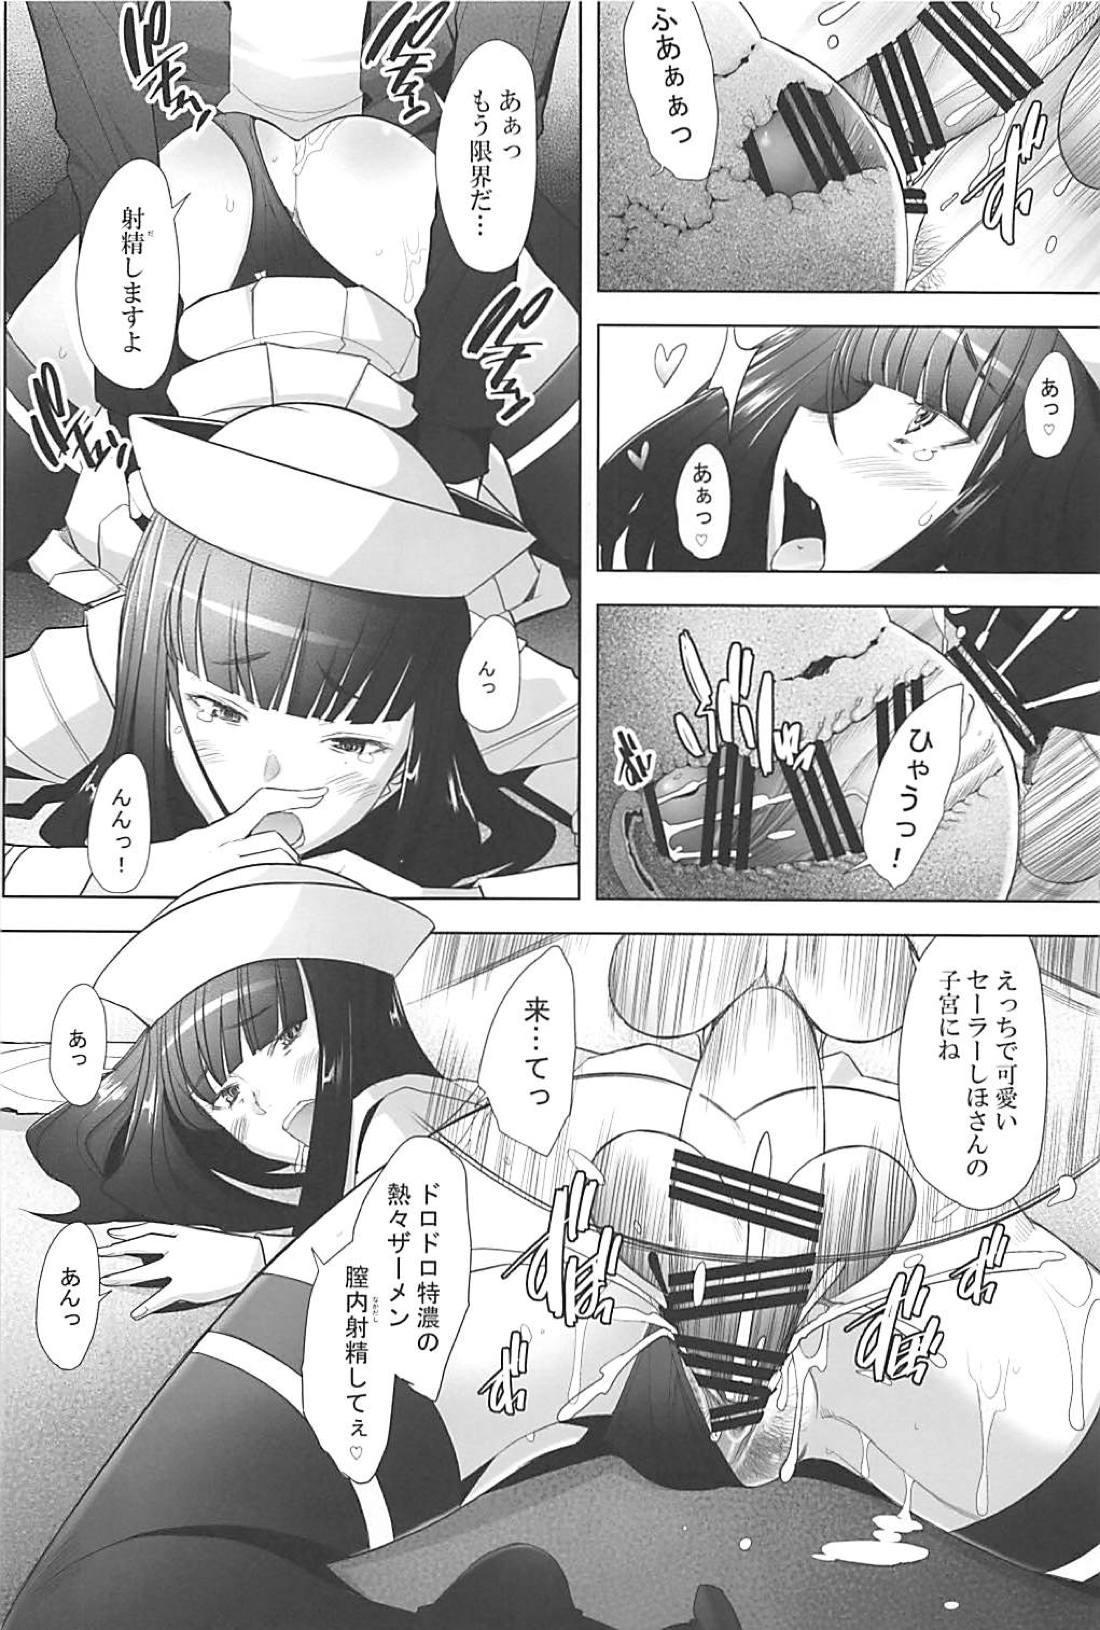 Furin Sex no Yoin ga Wasurerarenai Hitozuma Iemoto ga Karada no Uzuki o Osaeru Tame ni Otto to Hageshiku Yattemita 14